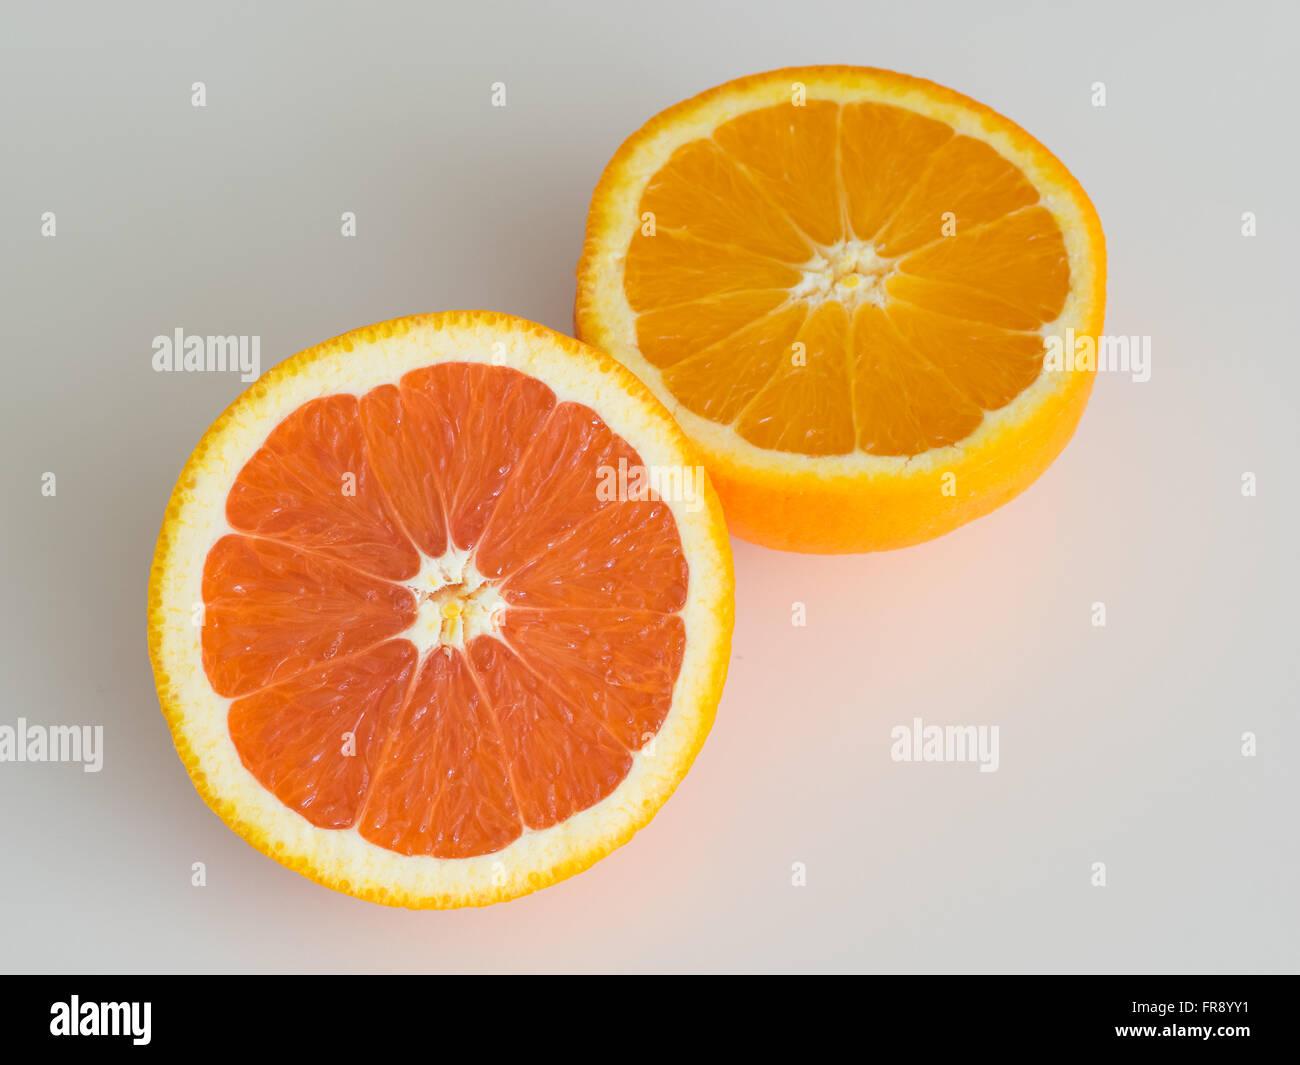 Una naranja navel cara cara (a la izquierda) en comparación con una naranja navel ordinaria (a la derecha). Imagen De Stock